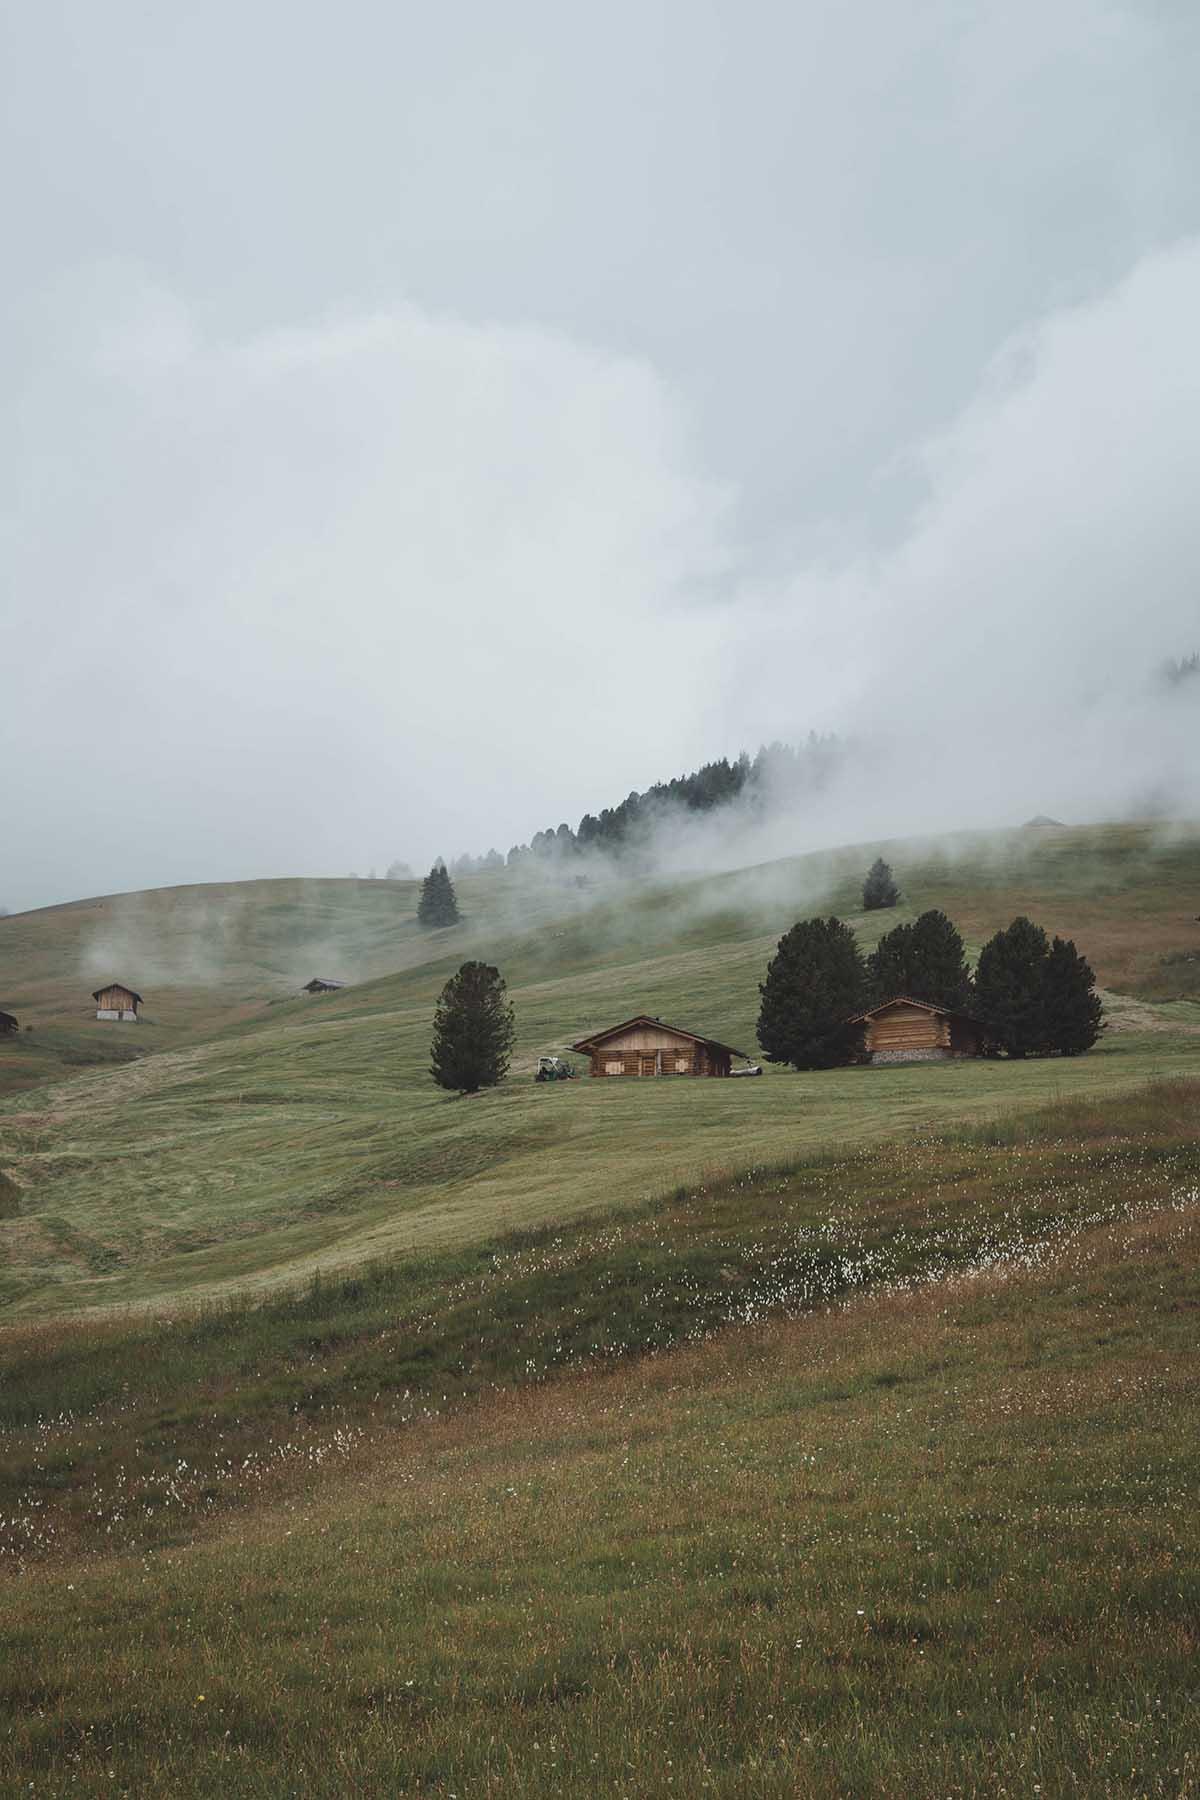 ausflugsziele-wandern-dolomiten-suedtirol-seiser-alm-wolken-landschaft